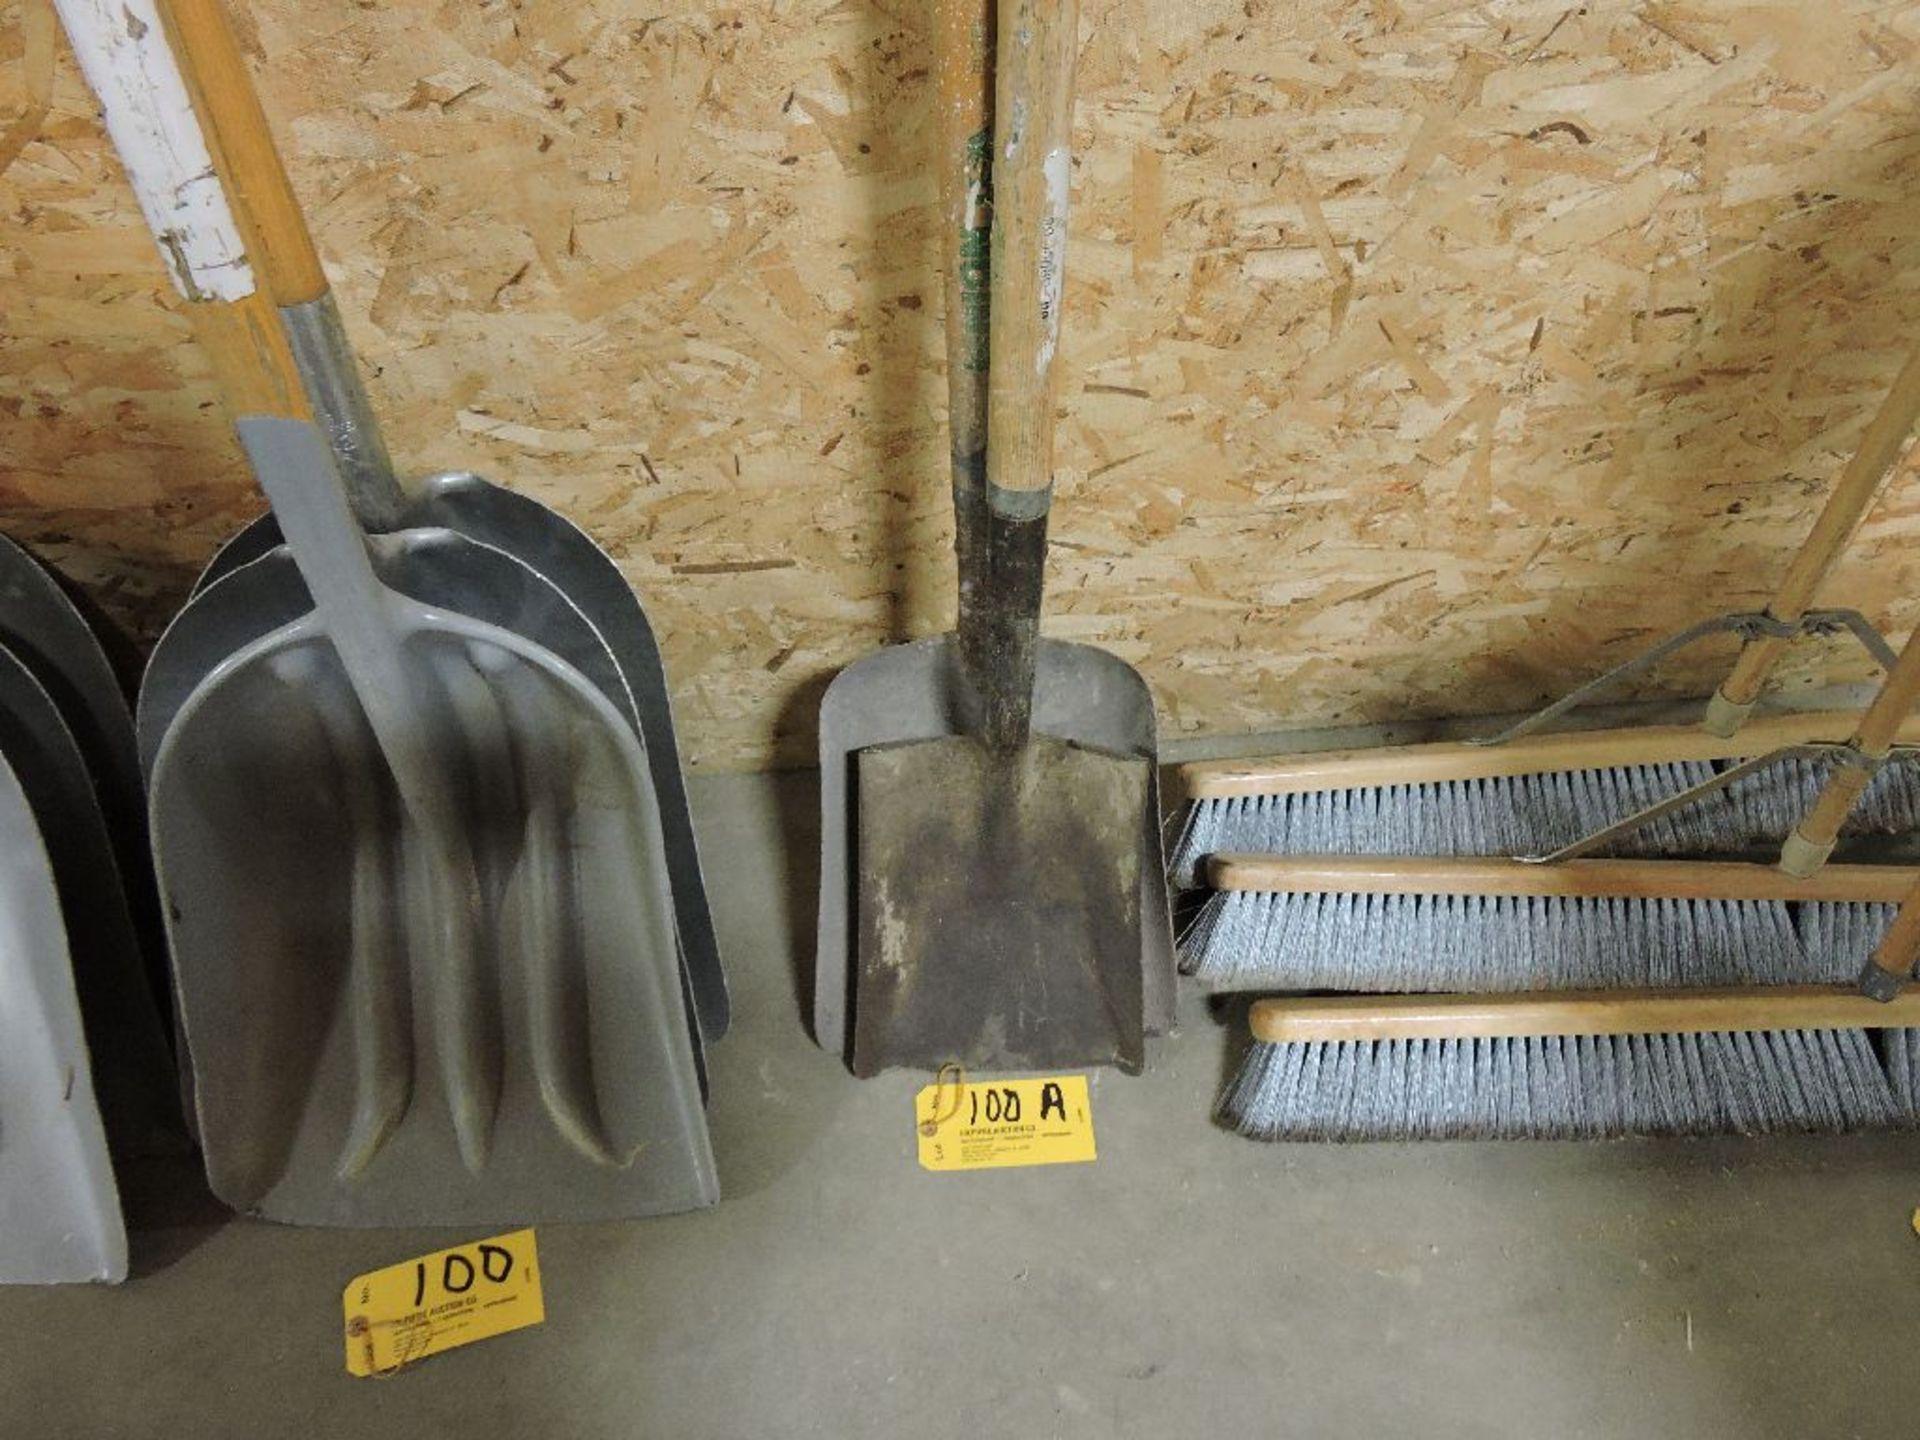 Lot 100A - Shovels.